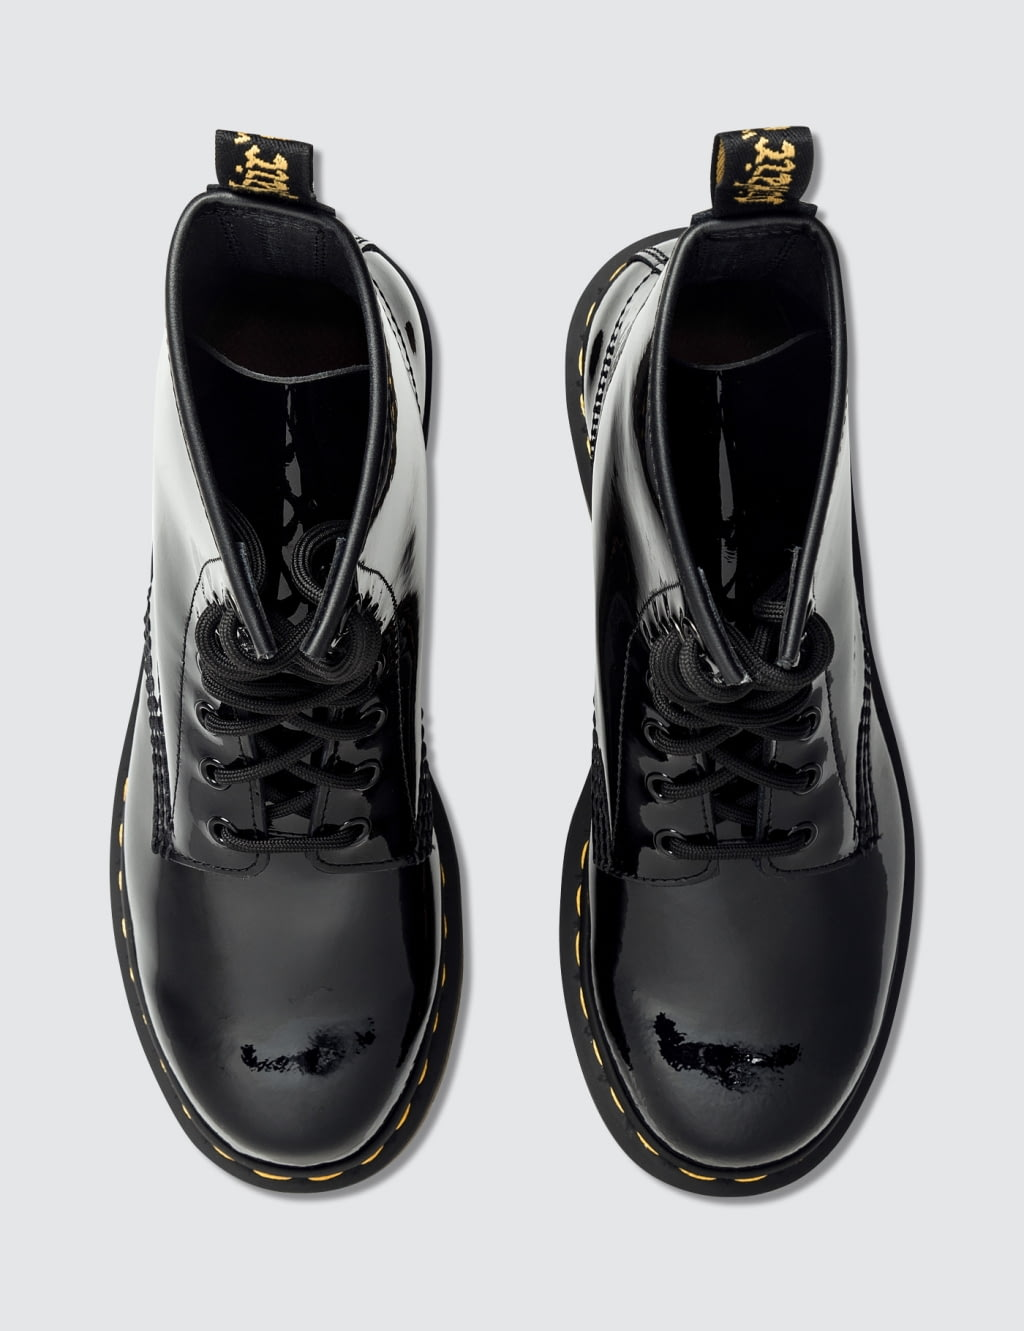 Buy Original Dr Martens 1460 Black Patent Lamper 8 Eye Sepatu Sneakers Wanita D6010 White Boots